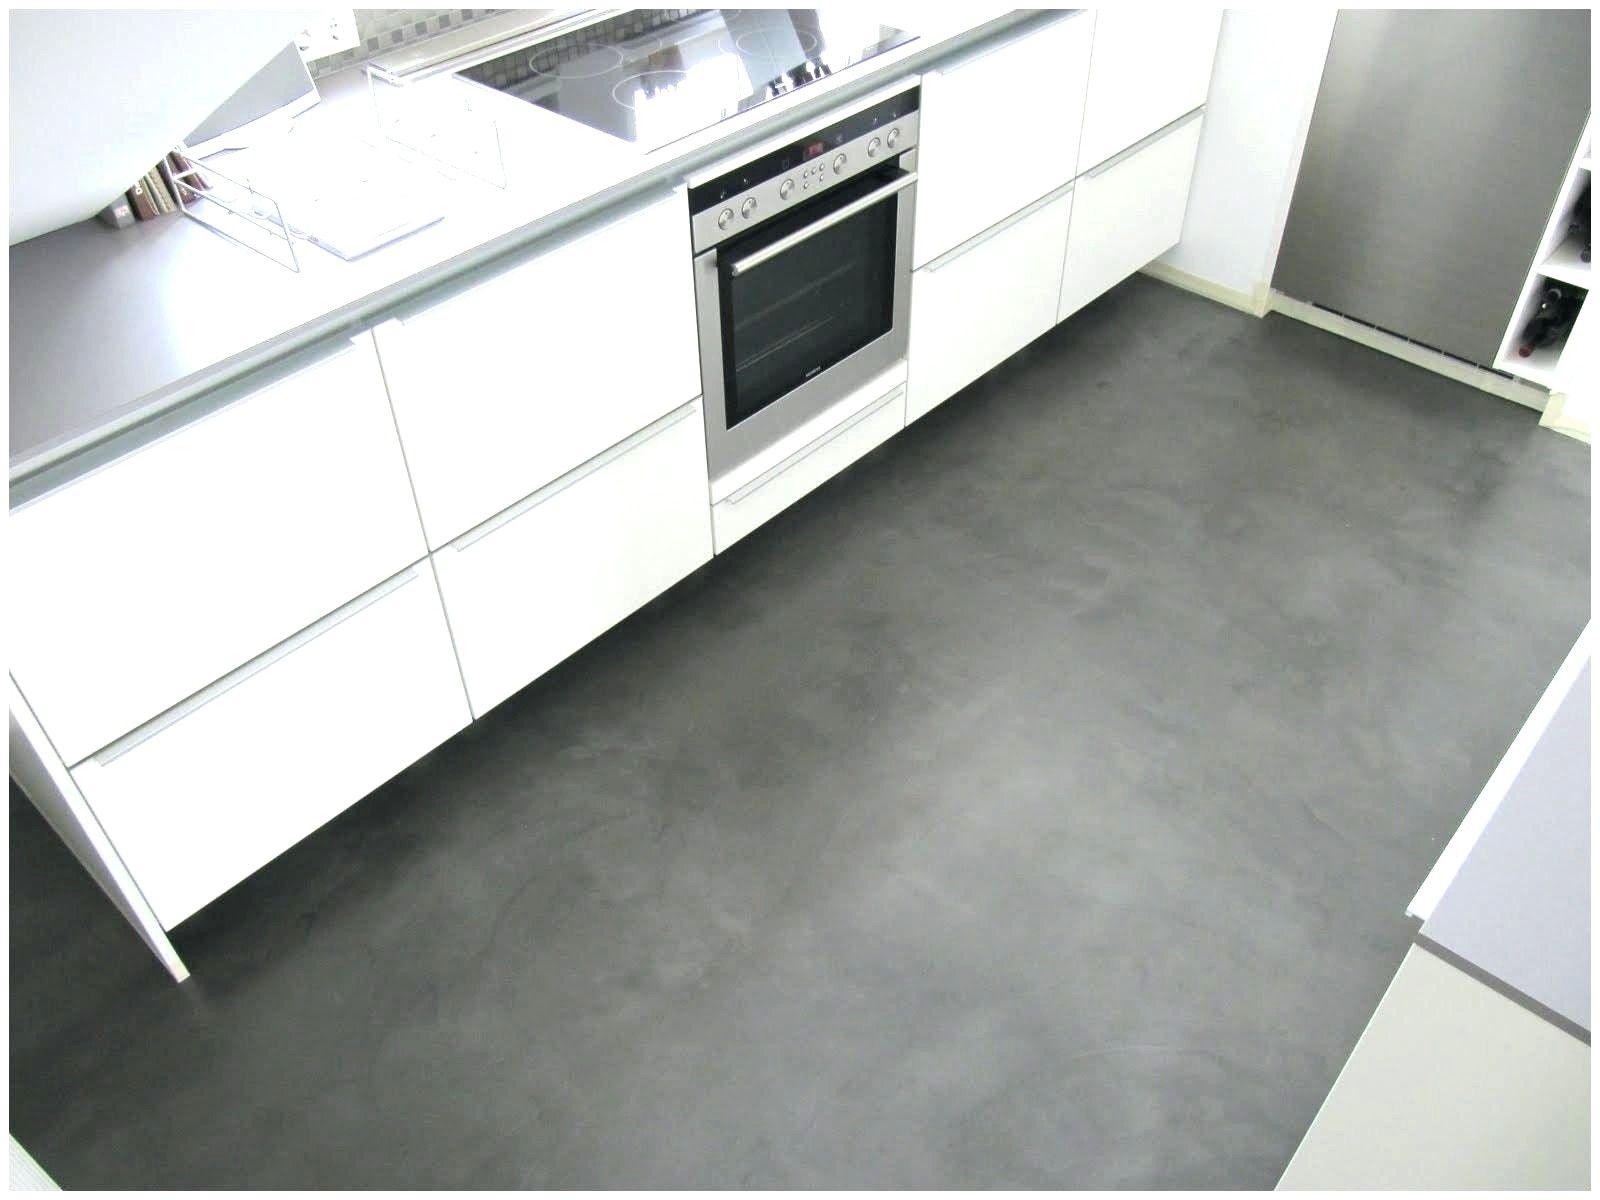 Steinteppich Fur Bad Dusche  Bodenbeschichtung, Betonboden küche